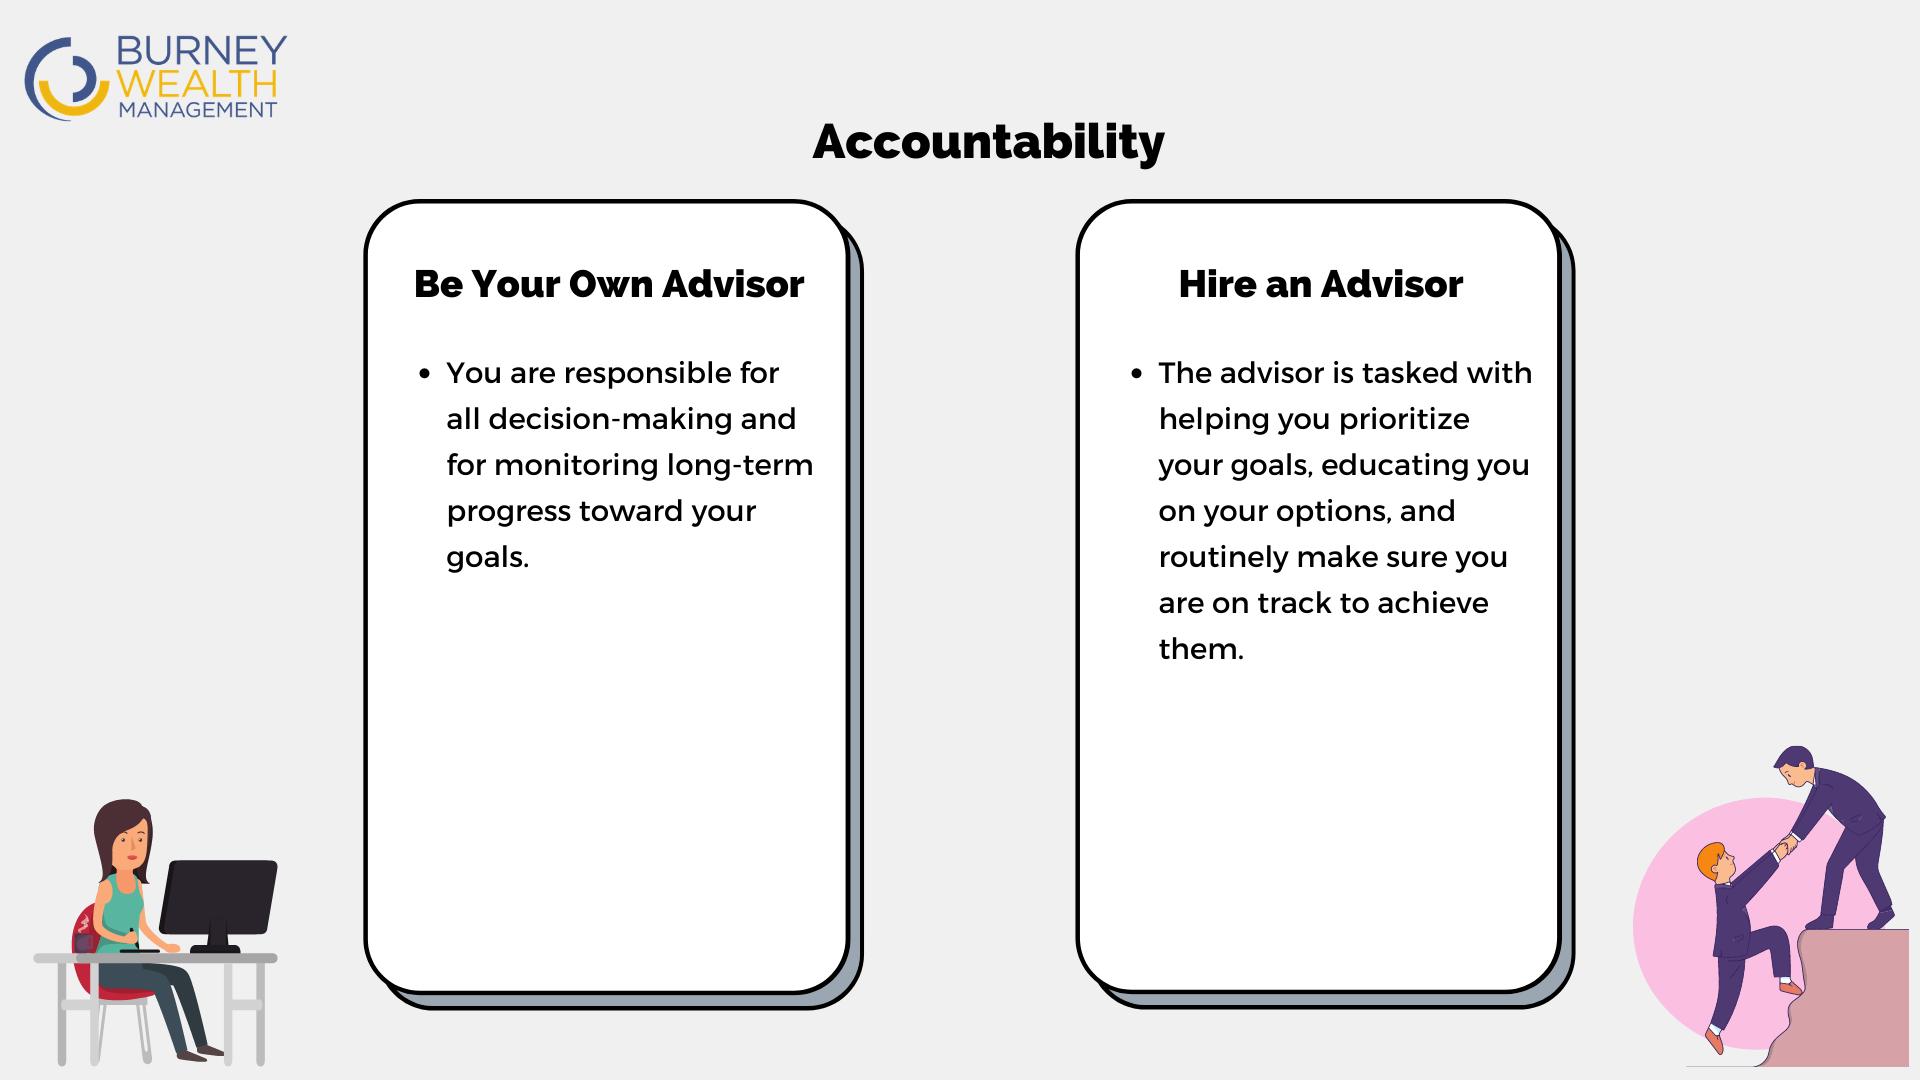 Accountability - Be your own advisor vs. Hire an advisor